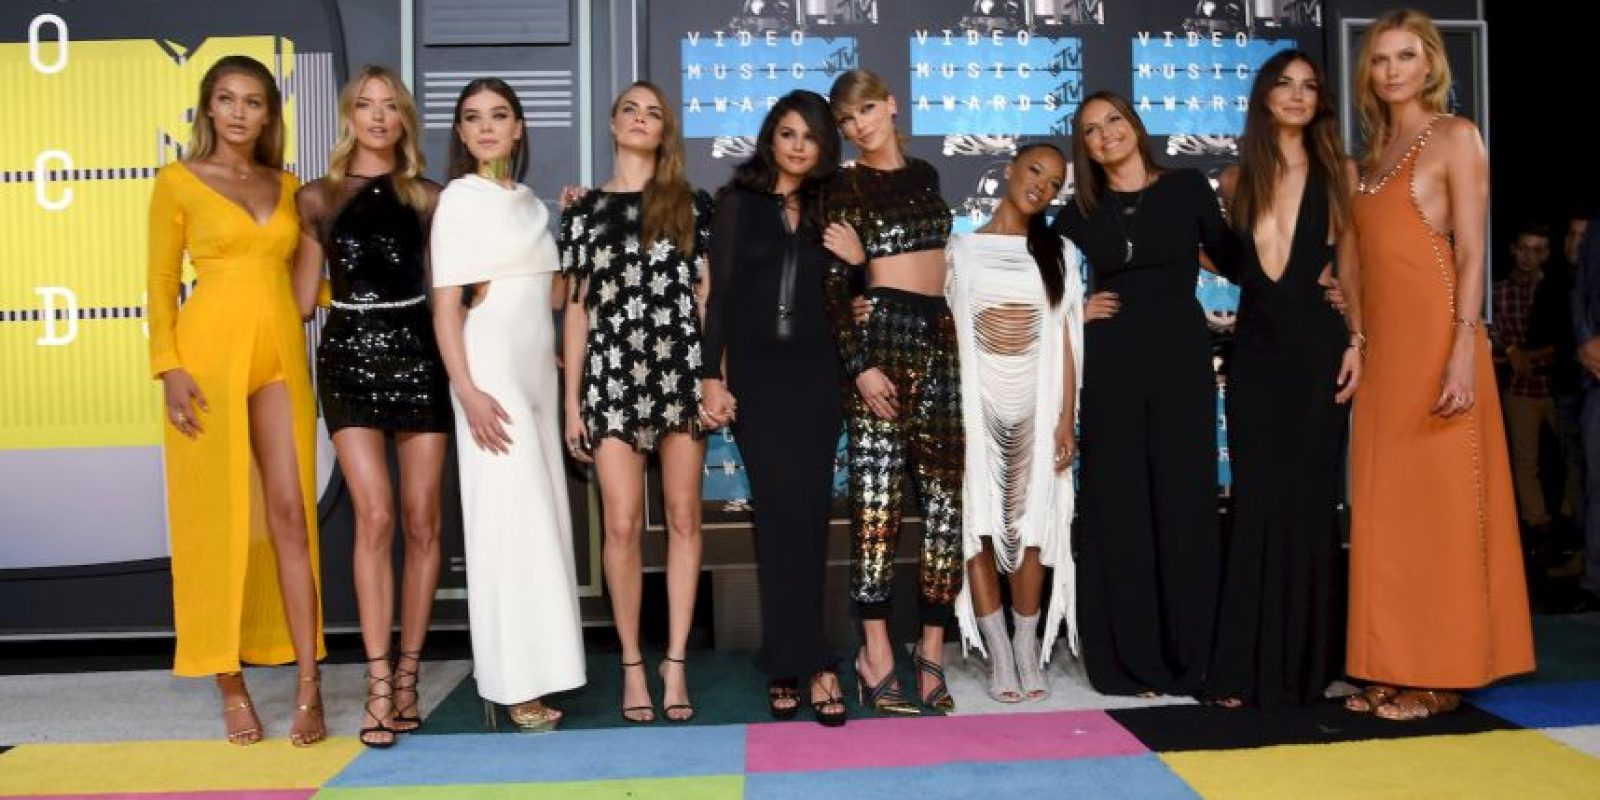 Taylor llegó a la alfombra roja con su séquito de amigas, que incluye a muchas modelos de Victoria's Secrets y a su mejor amiga, Selena Gómez Foto:Getty Images